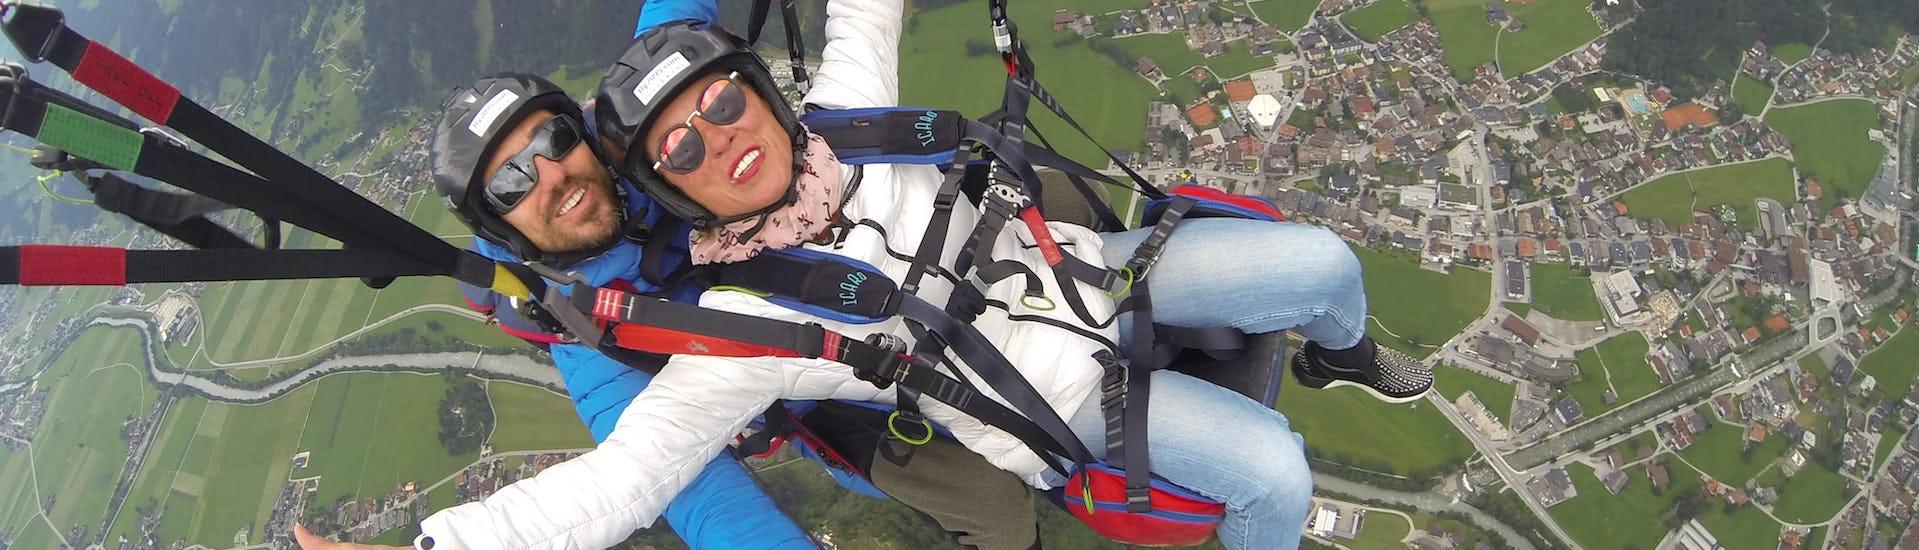 Tandem Paragliding - Hintertux